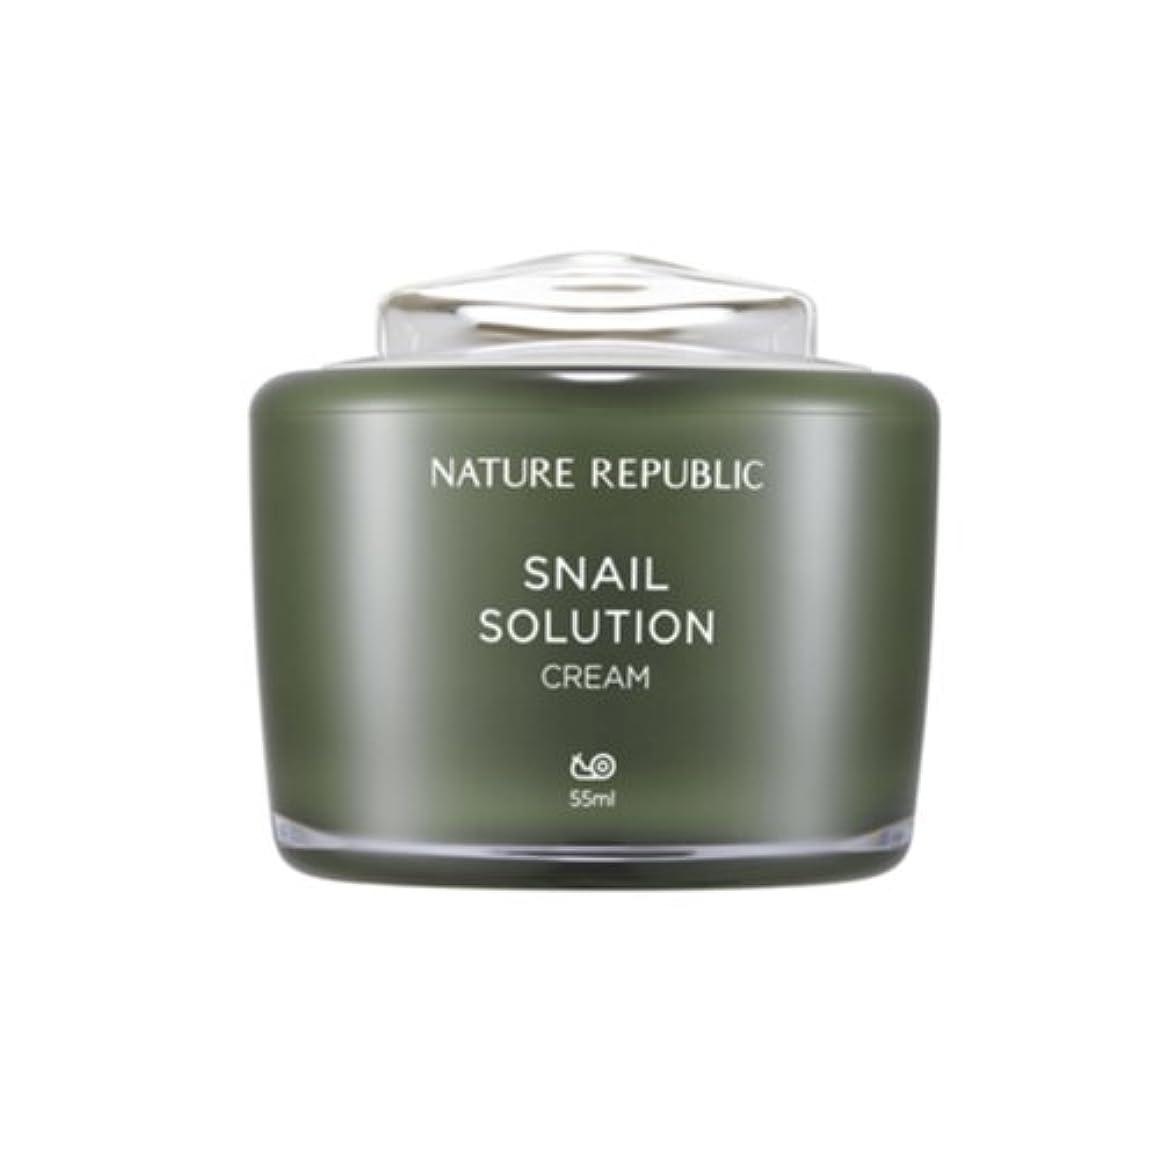 柔らかさ航空機定常[ネイチャーリパブリック] Nature republicスネイルソリューションクリーム海外直送品(Snail Solution Cream) [並行輸入品]